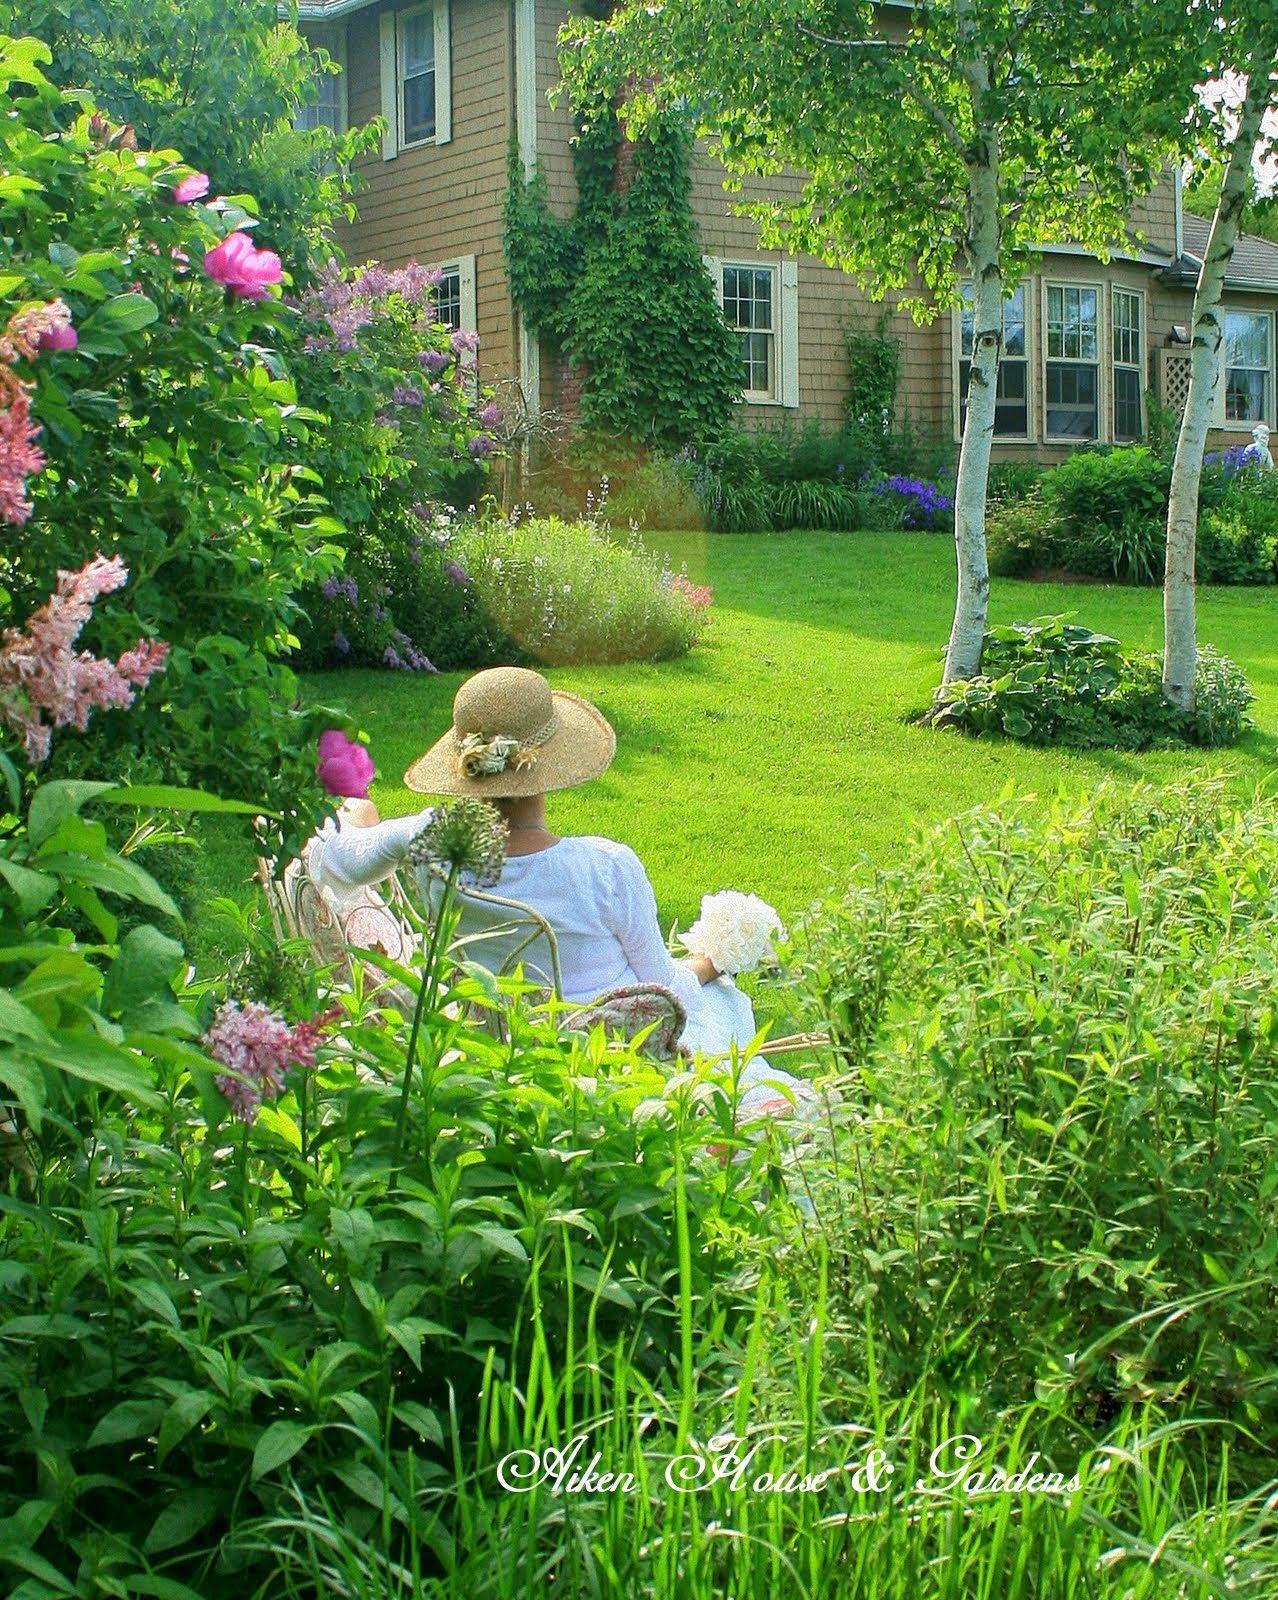 Aiken House & Gardens: Garden Dreams | Outdoor Gardens & Plants ...